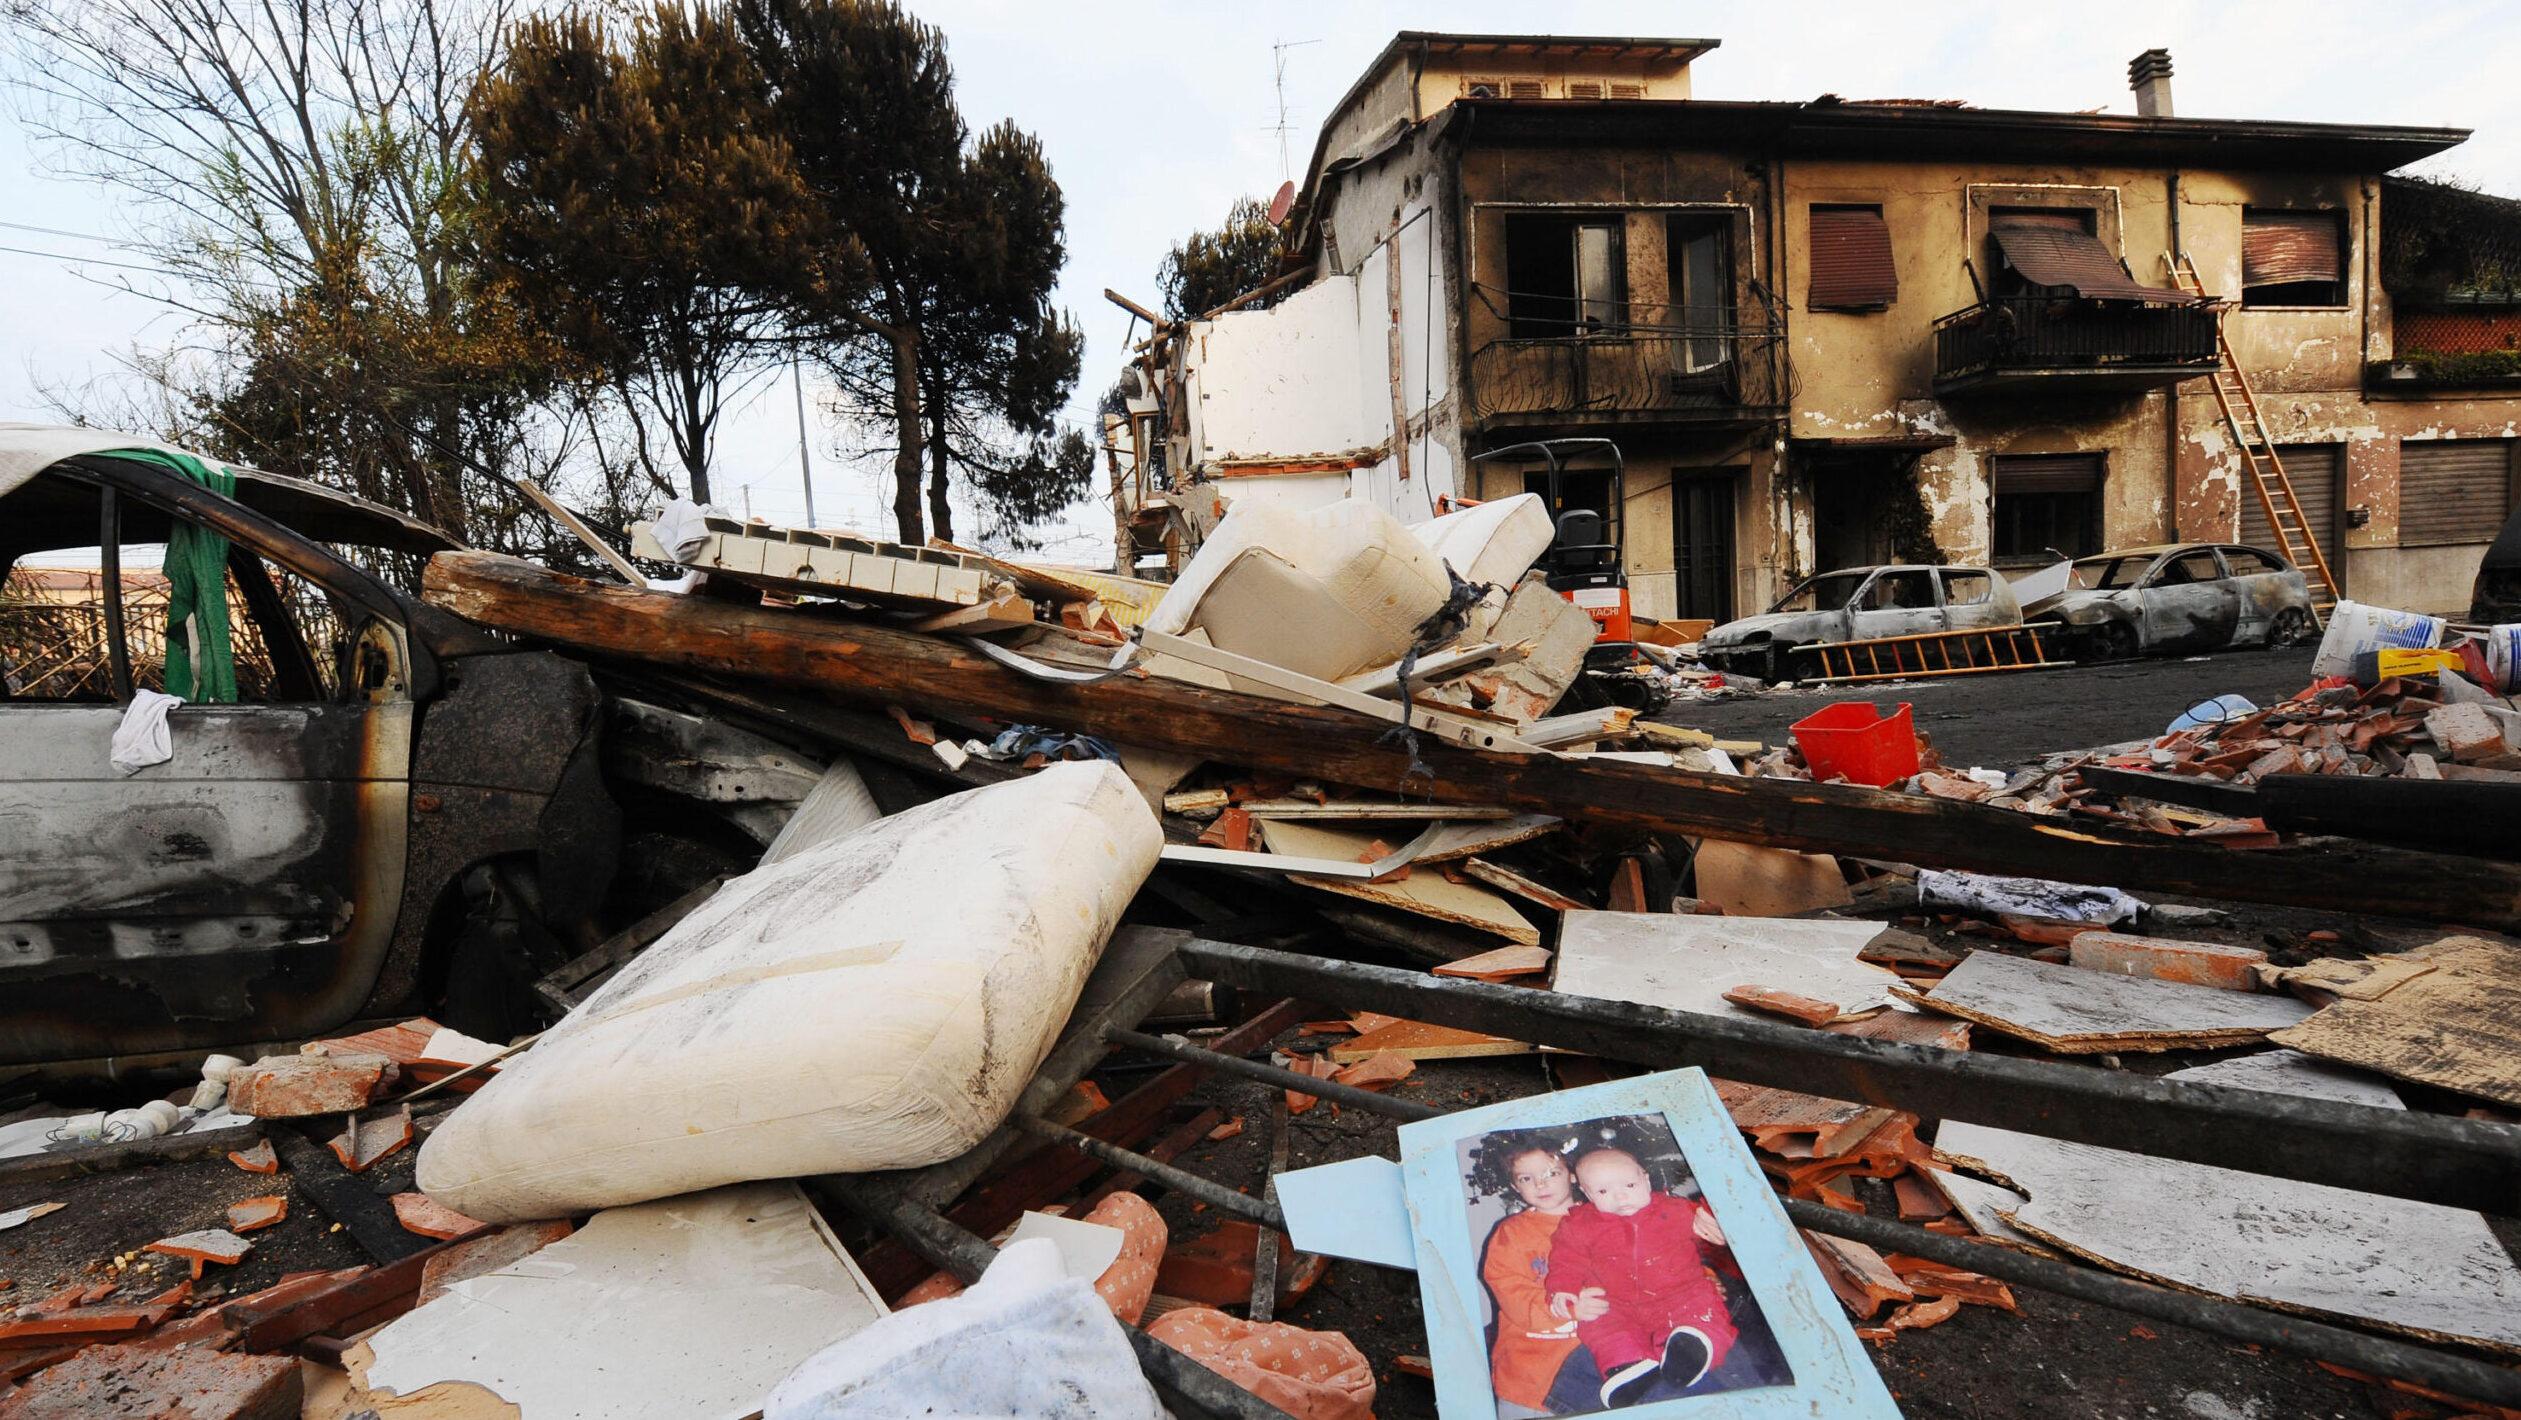 Strage di Viareggio: dalla Cassazione una sentenza politica, anche contro i lavoratori